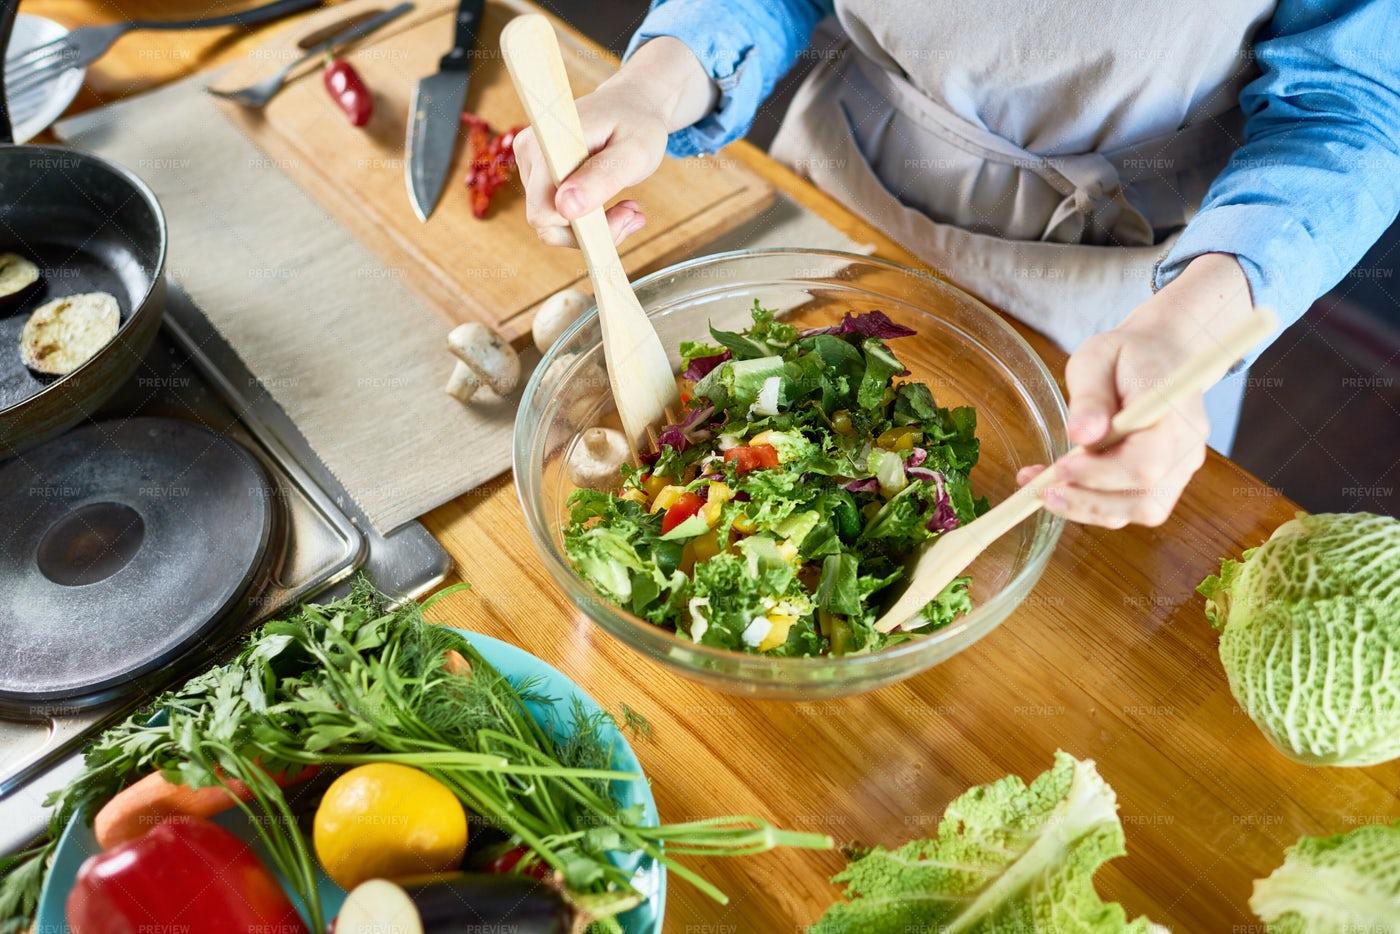 Housewife Making Salad Close Up: Stock Photos